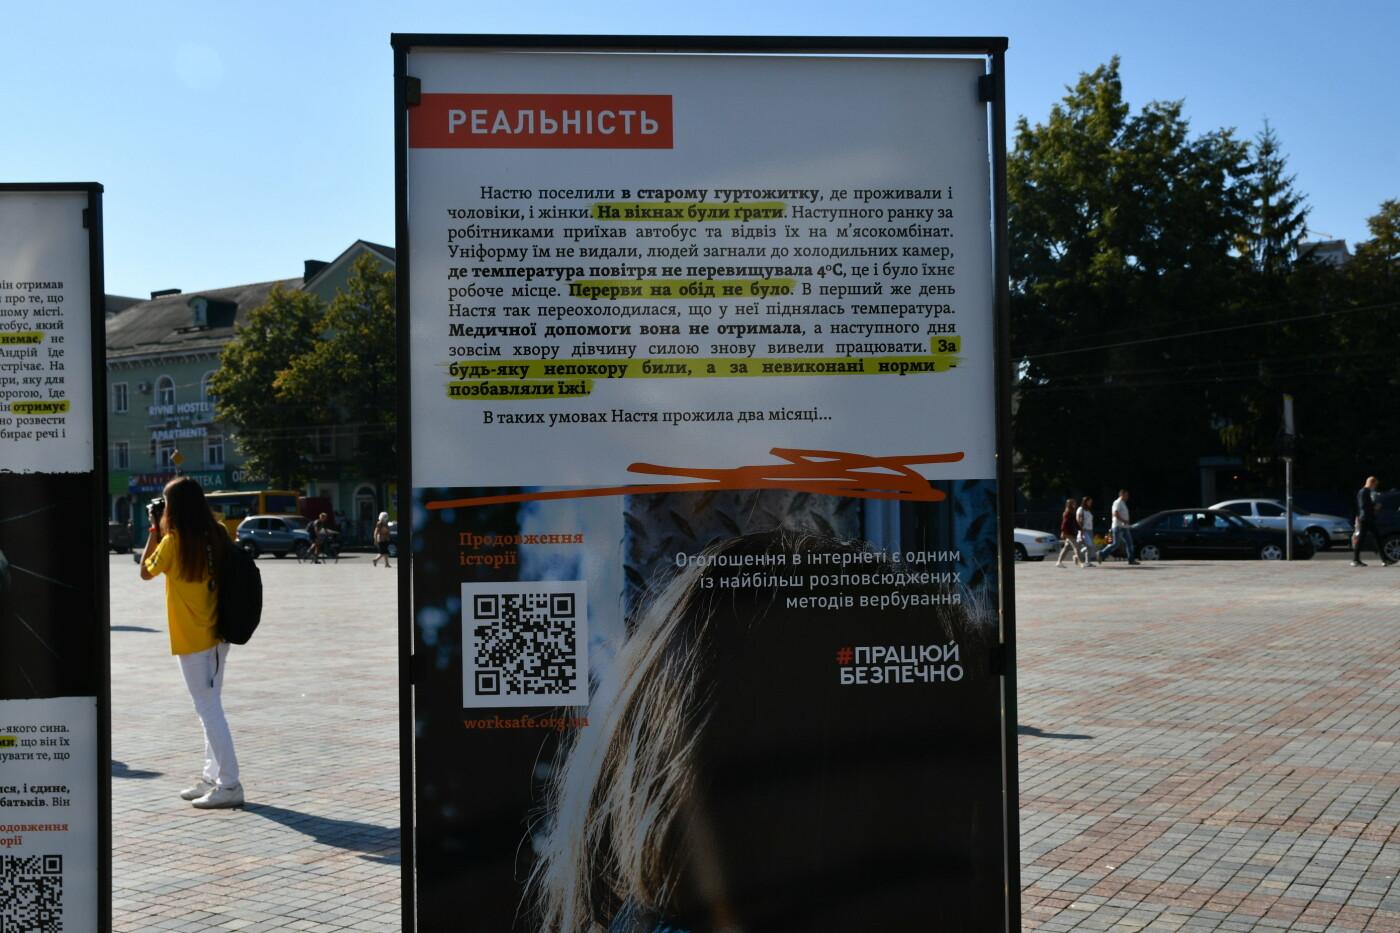 10 історій про сучасне рабство: у Рівному запрацювала виставка «Очікування Vs Реальність» (ФОТО), фото-6